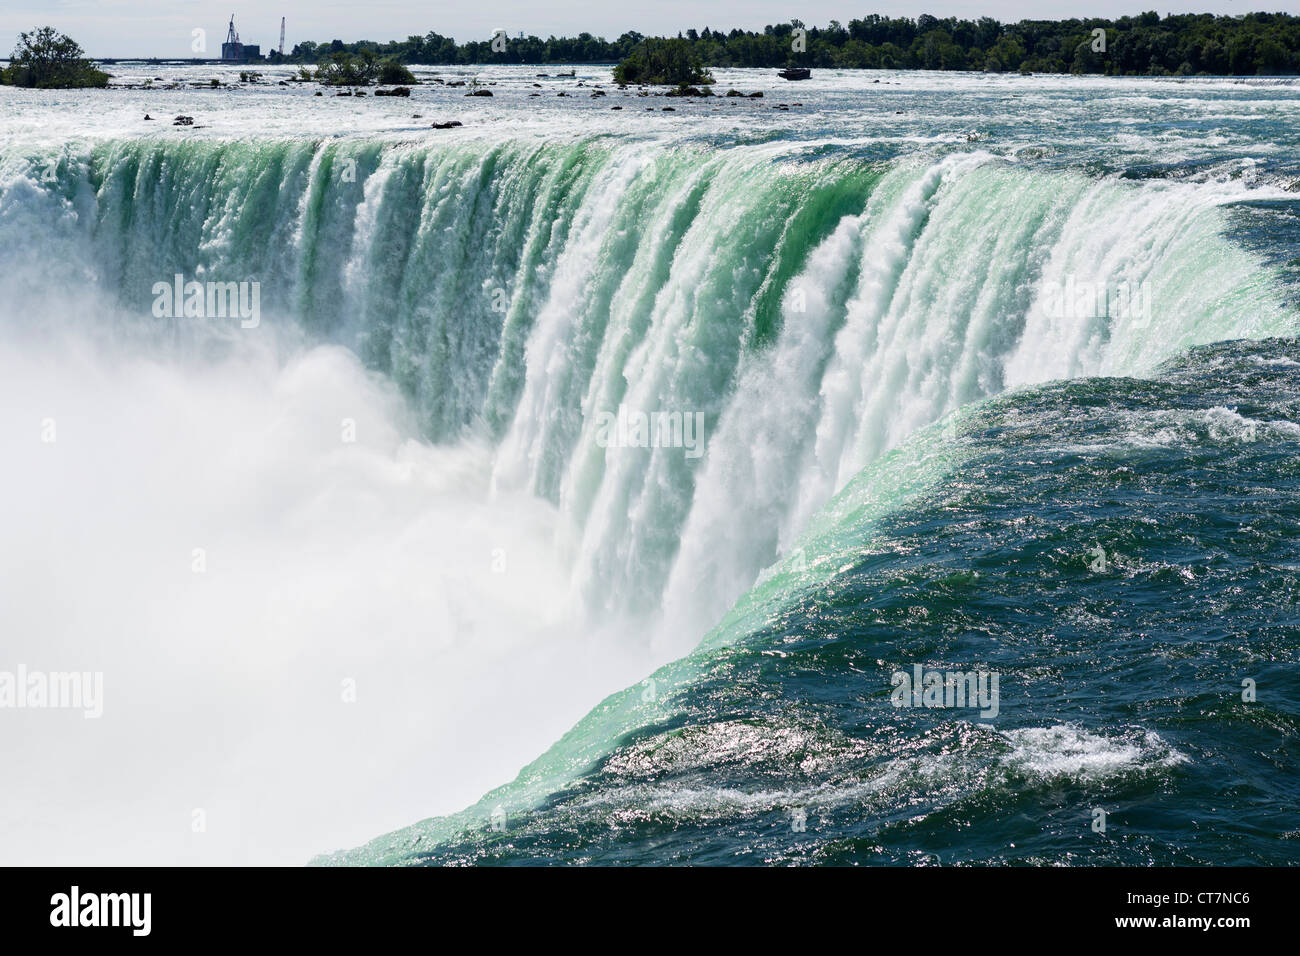 Nahaufnahme der Hufeisenfälle von der kanadischen Seite, Niagara Falls, Ontario, Kanada Stockbild